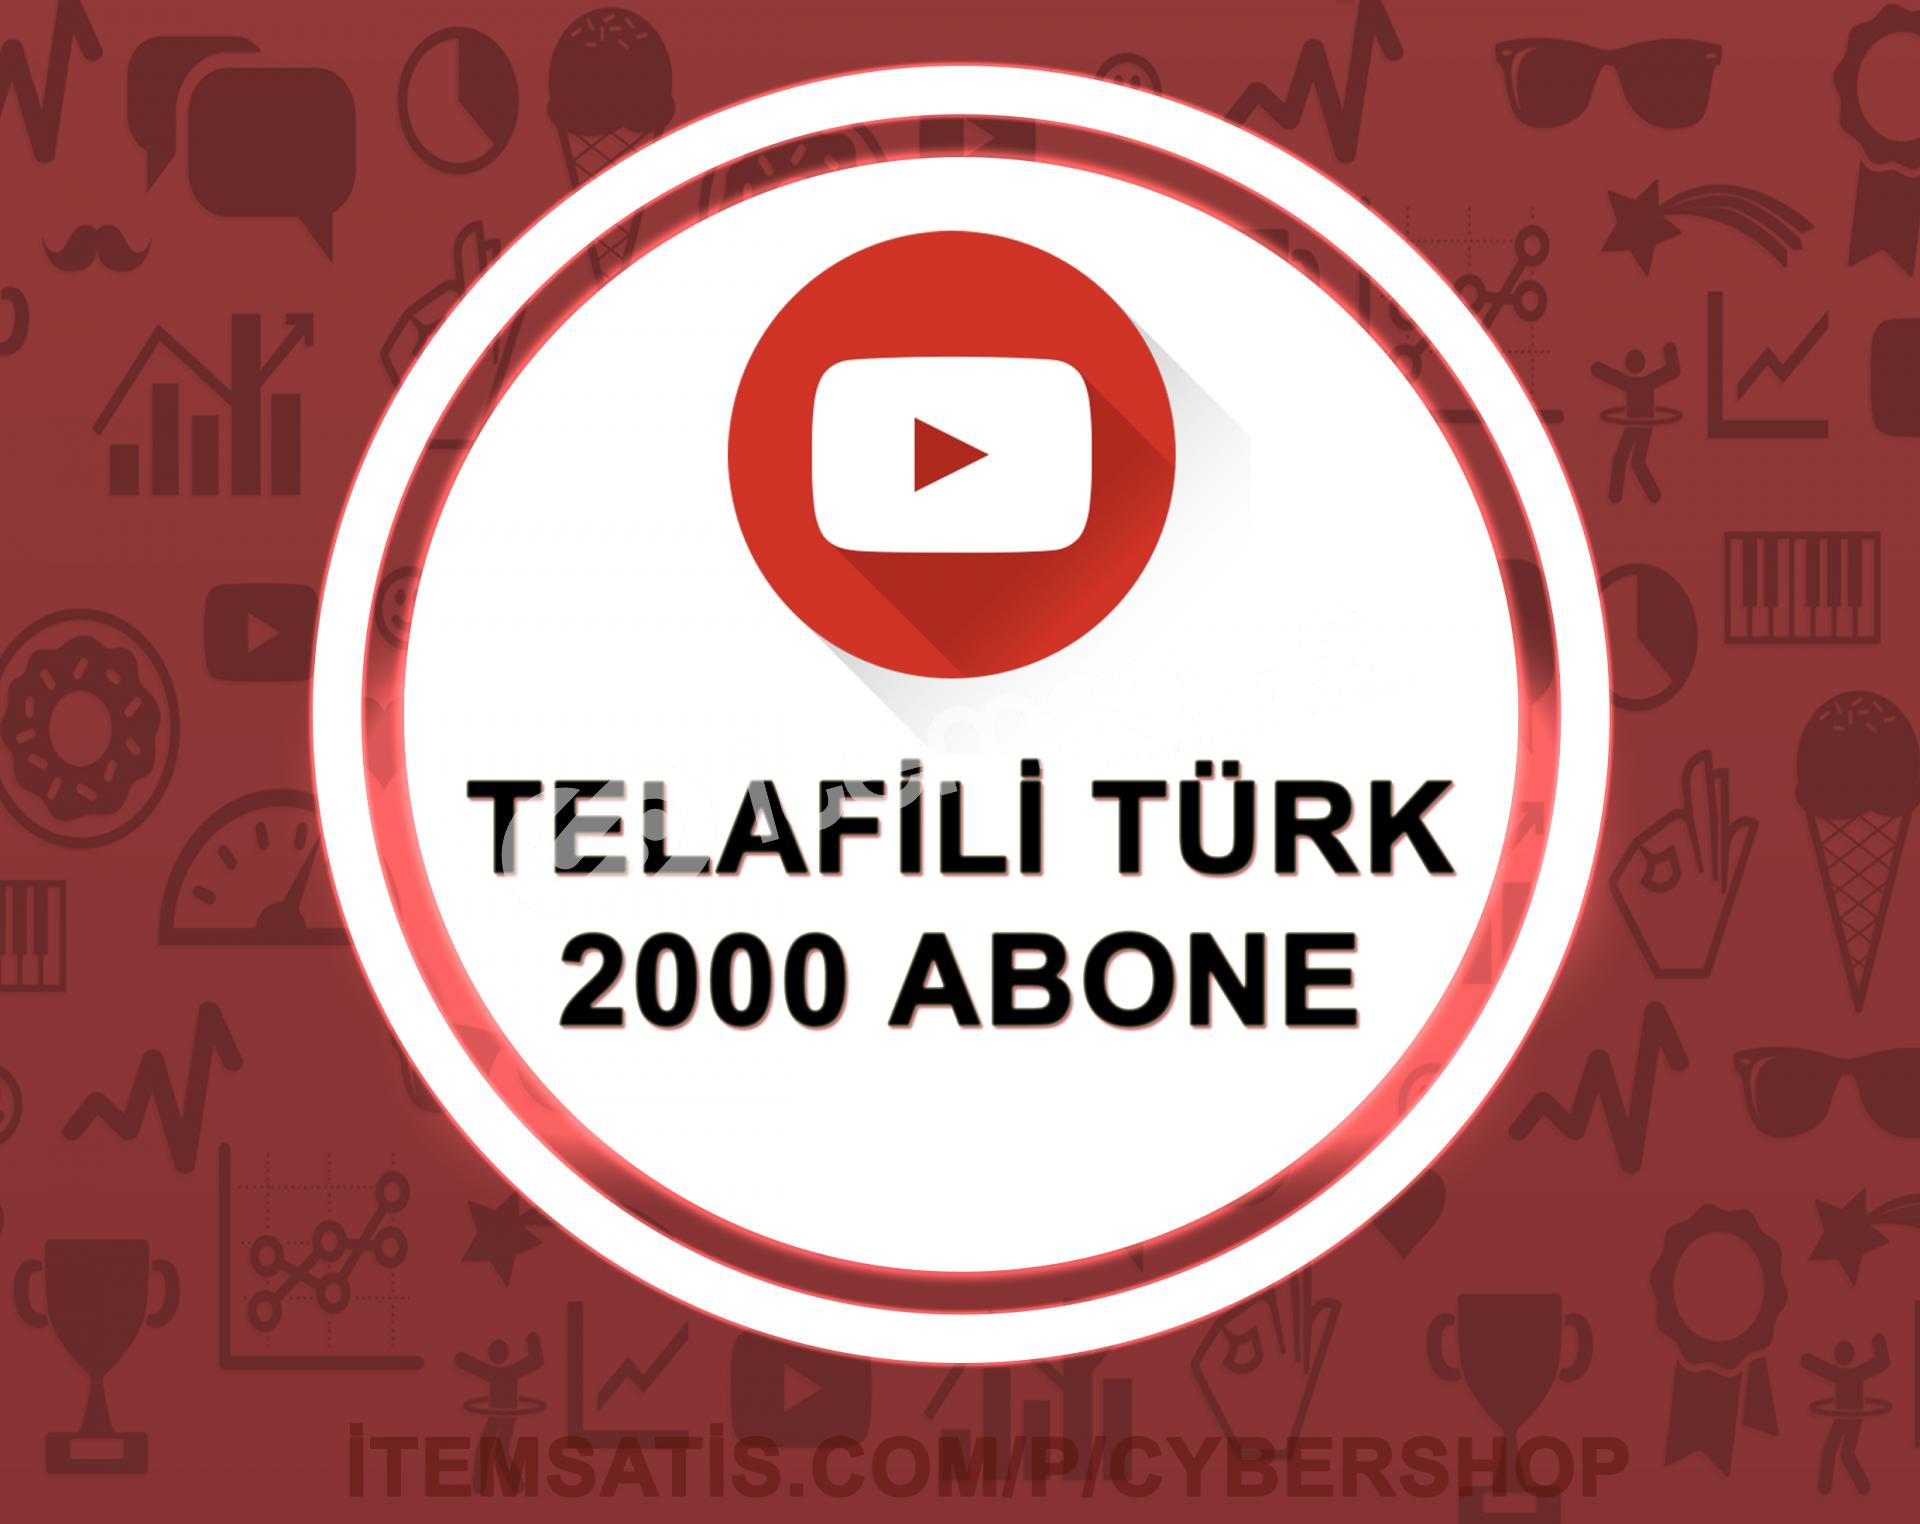 15 Gün Telafili Türk 2000 Abone (Hızlı Teslimat)